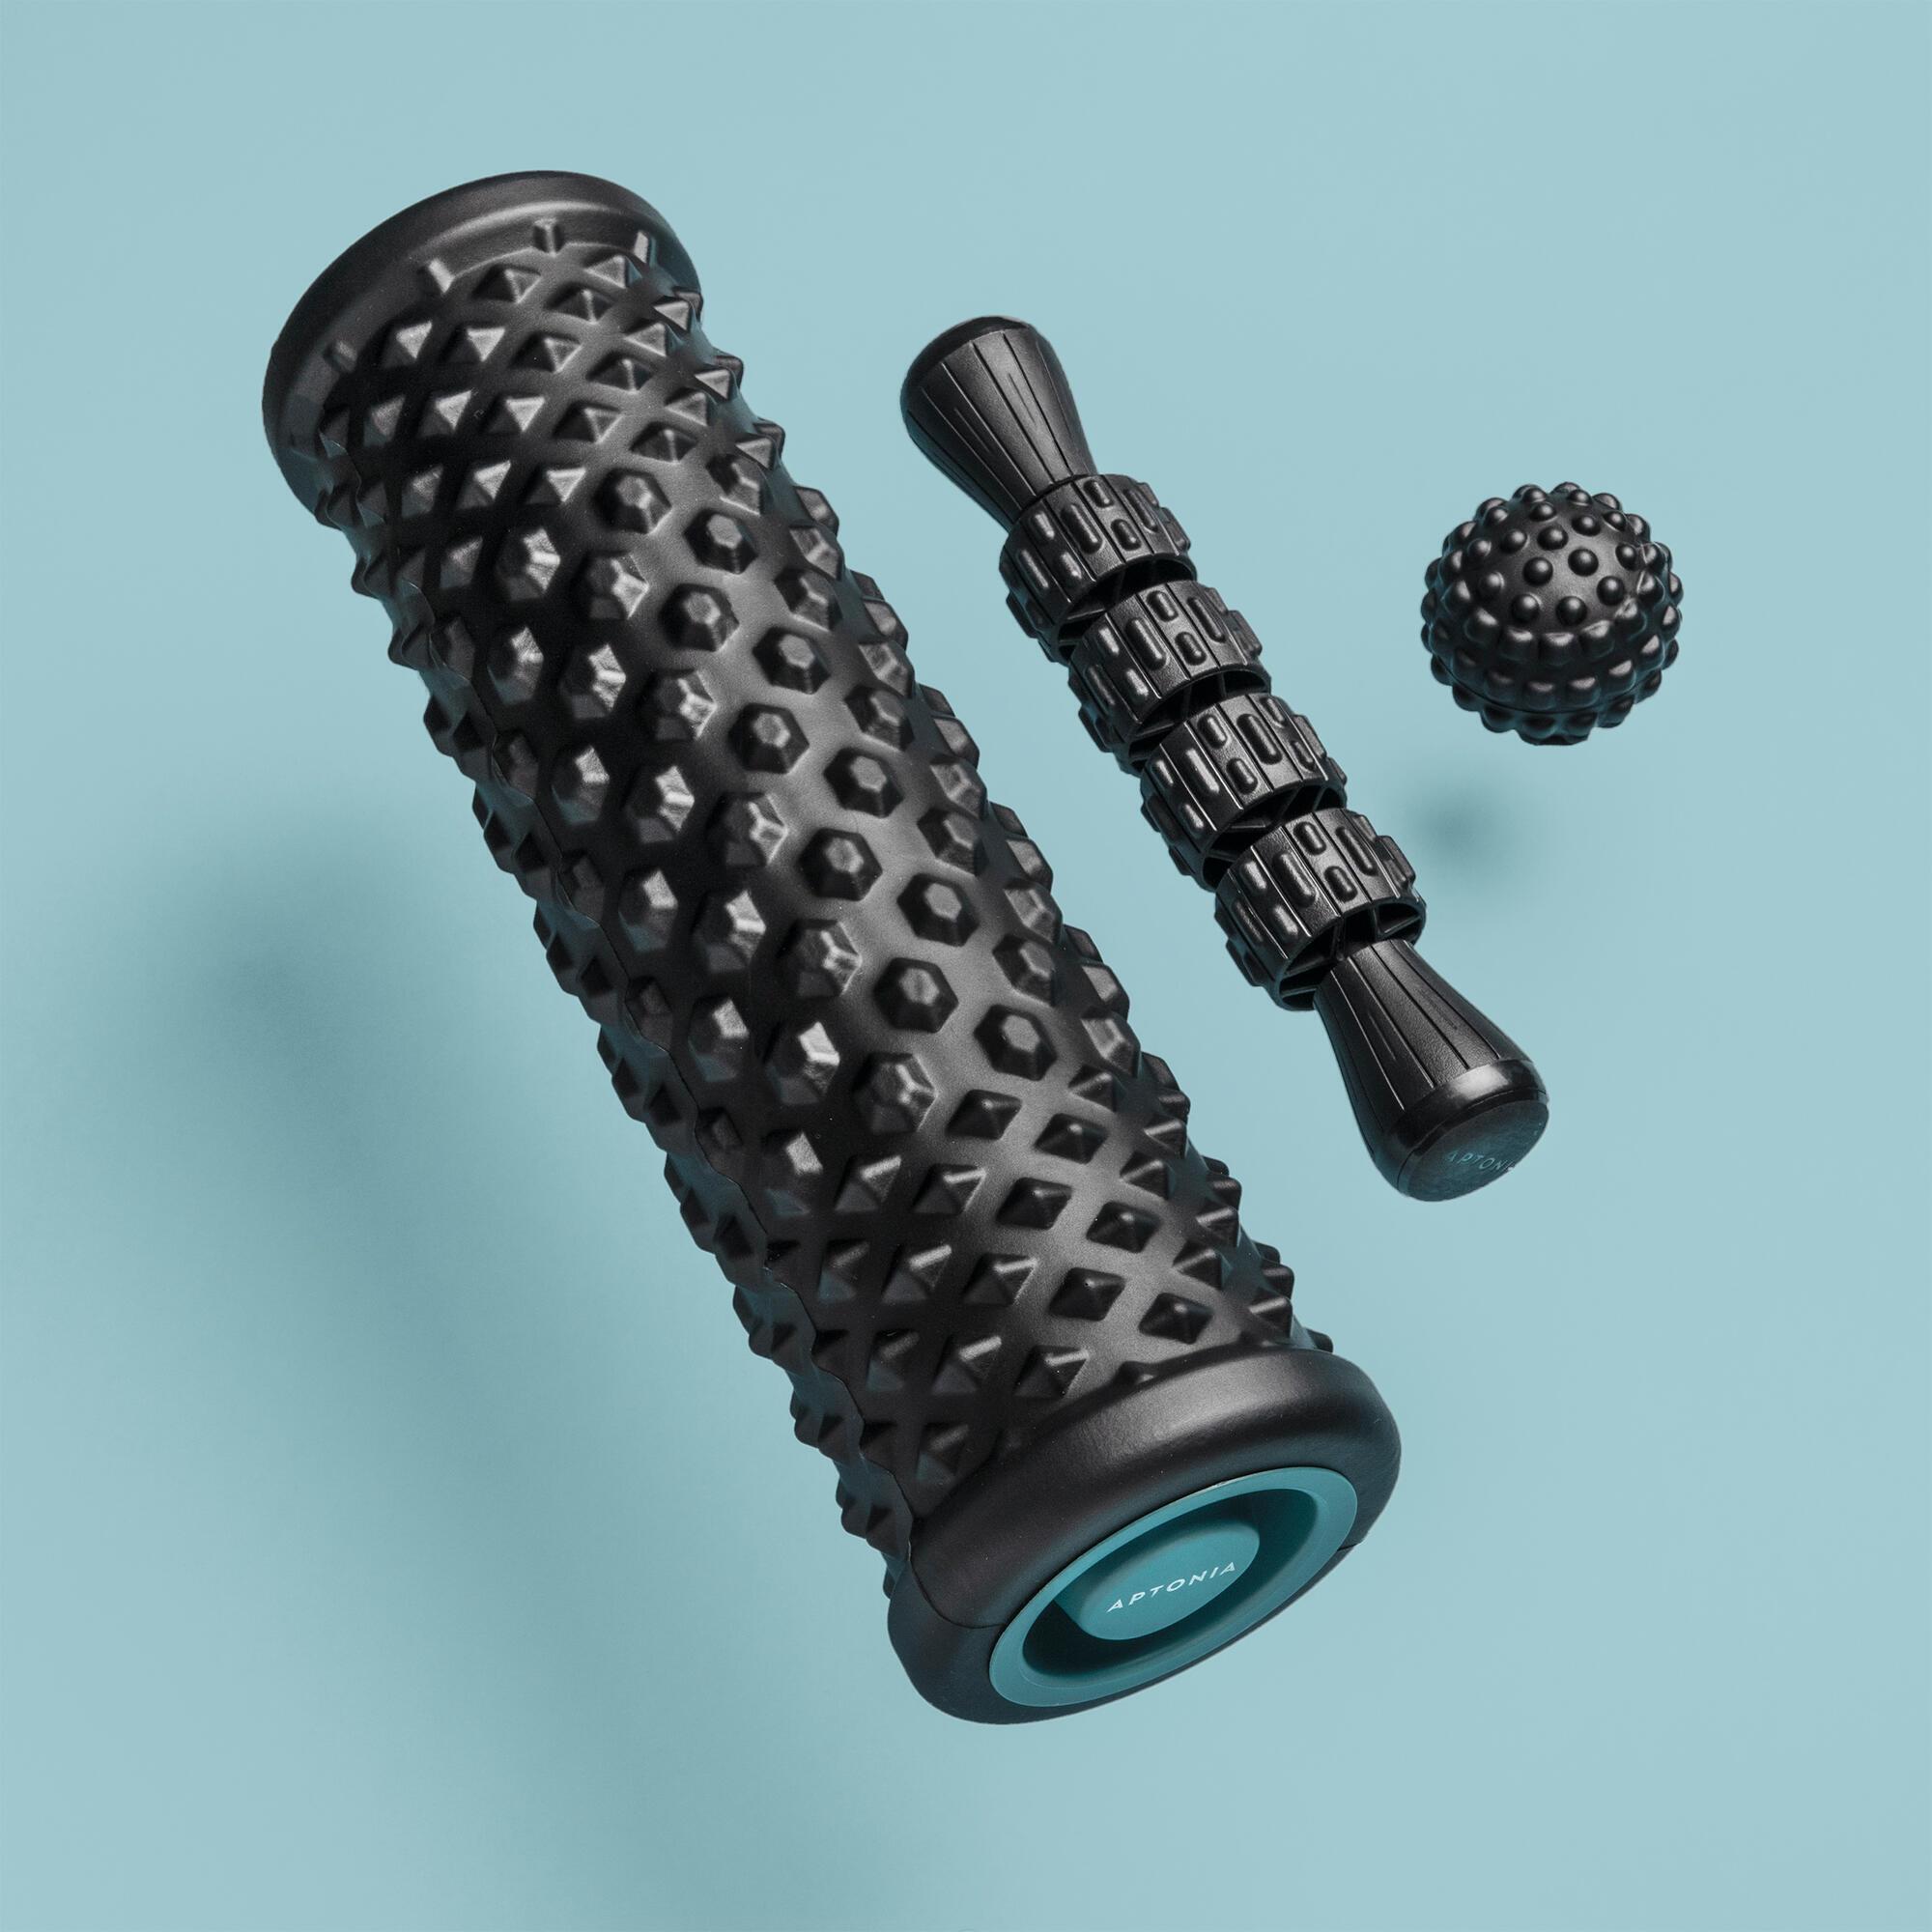 aptonia kit di massaggio: rullo massaggiante/ foam roller, palla, bastone massaggiante